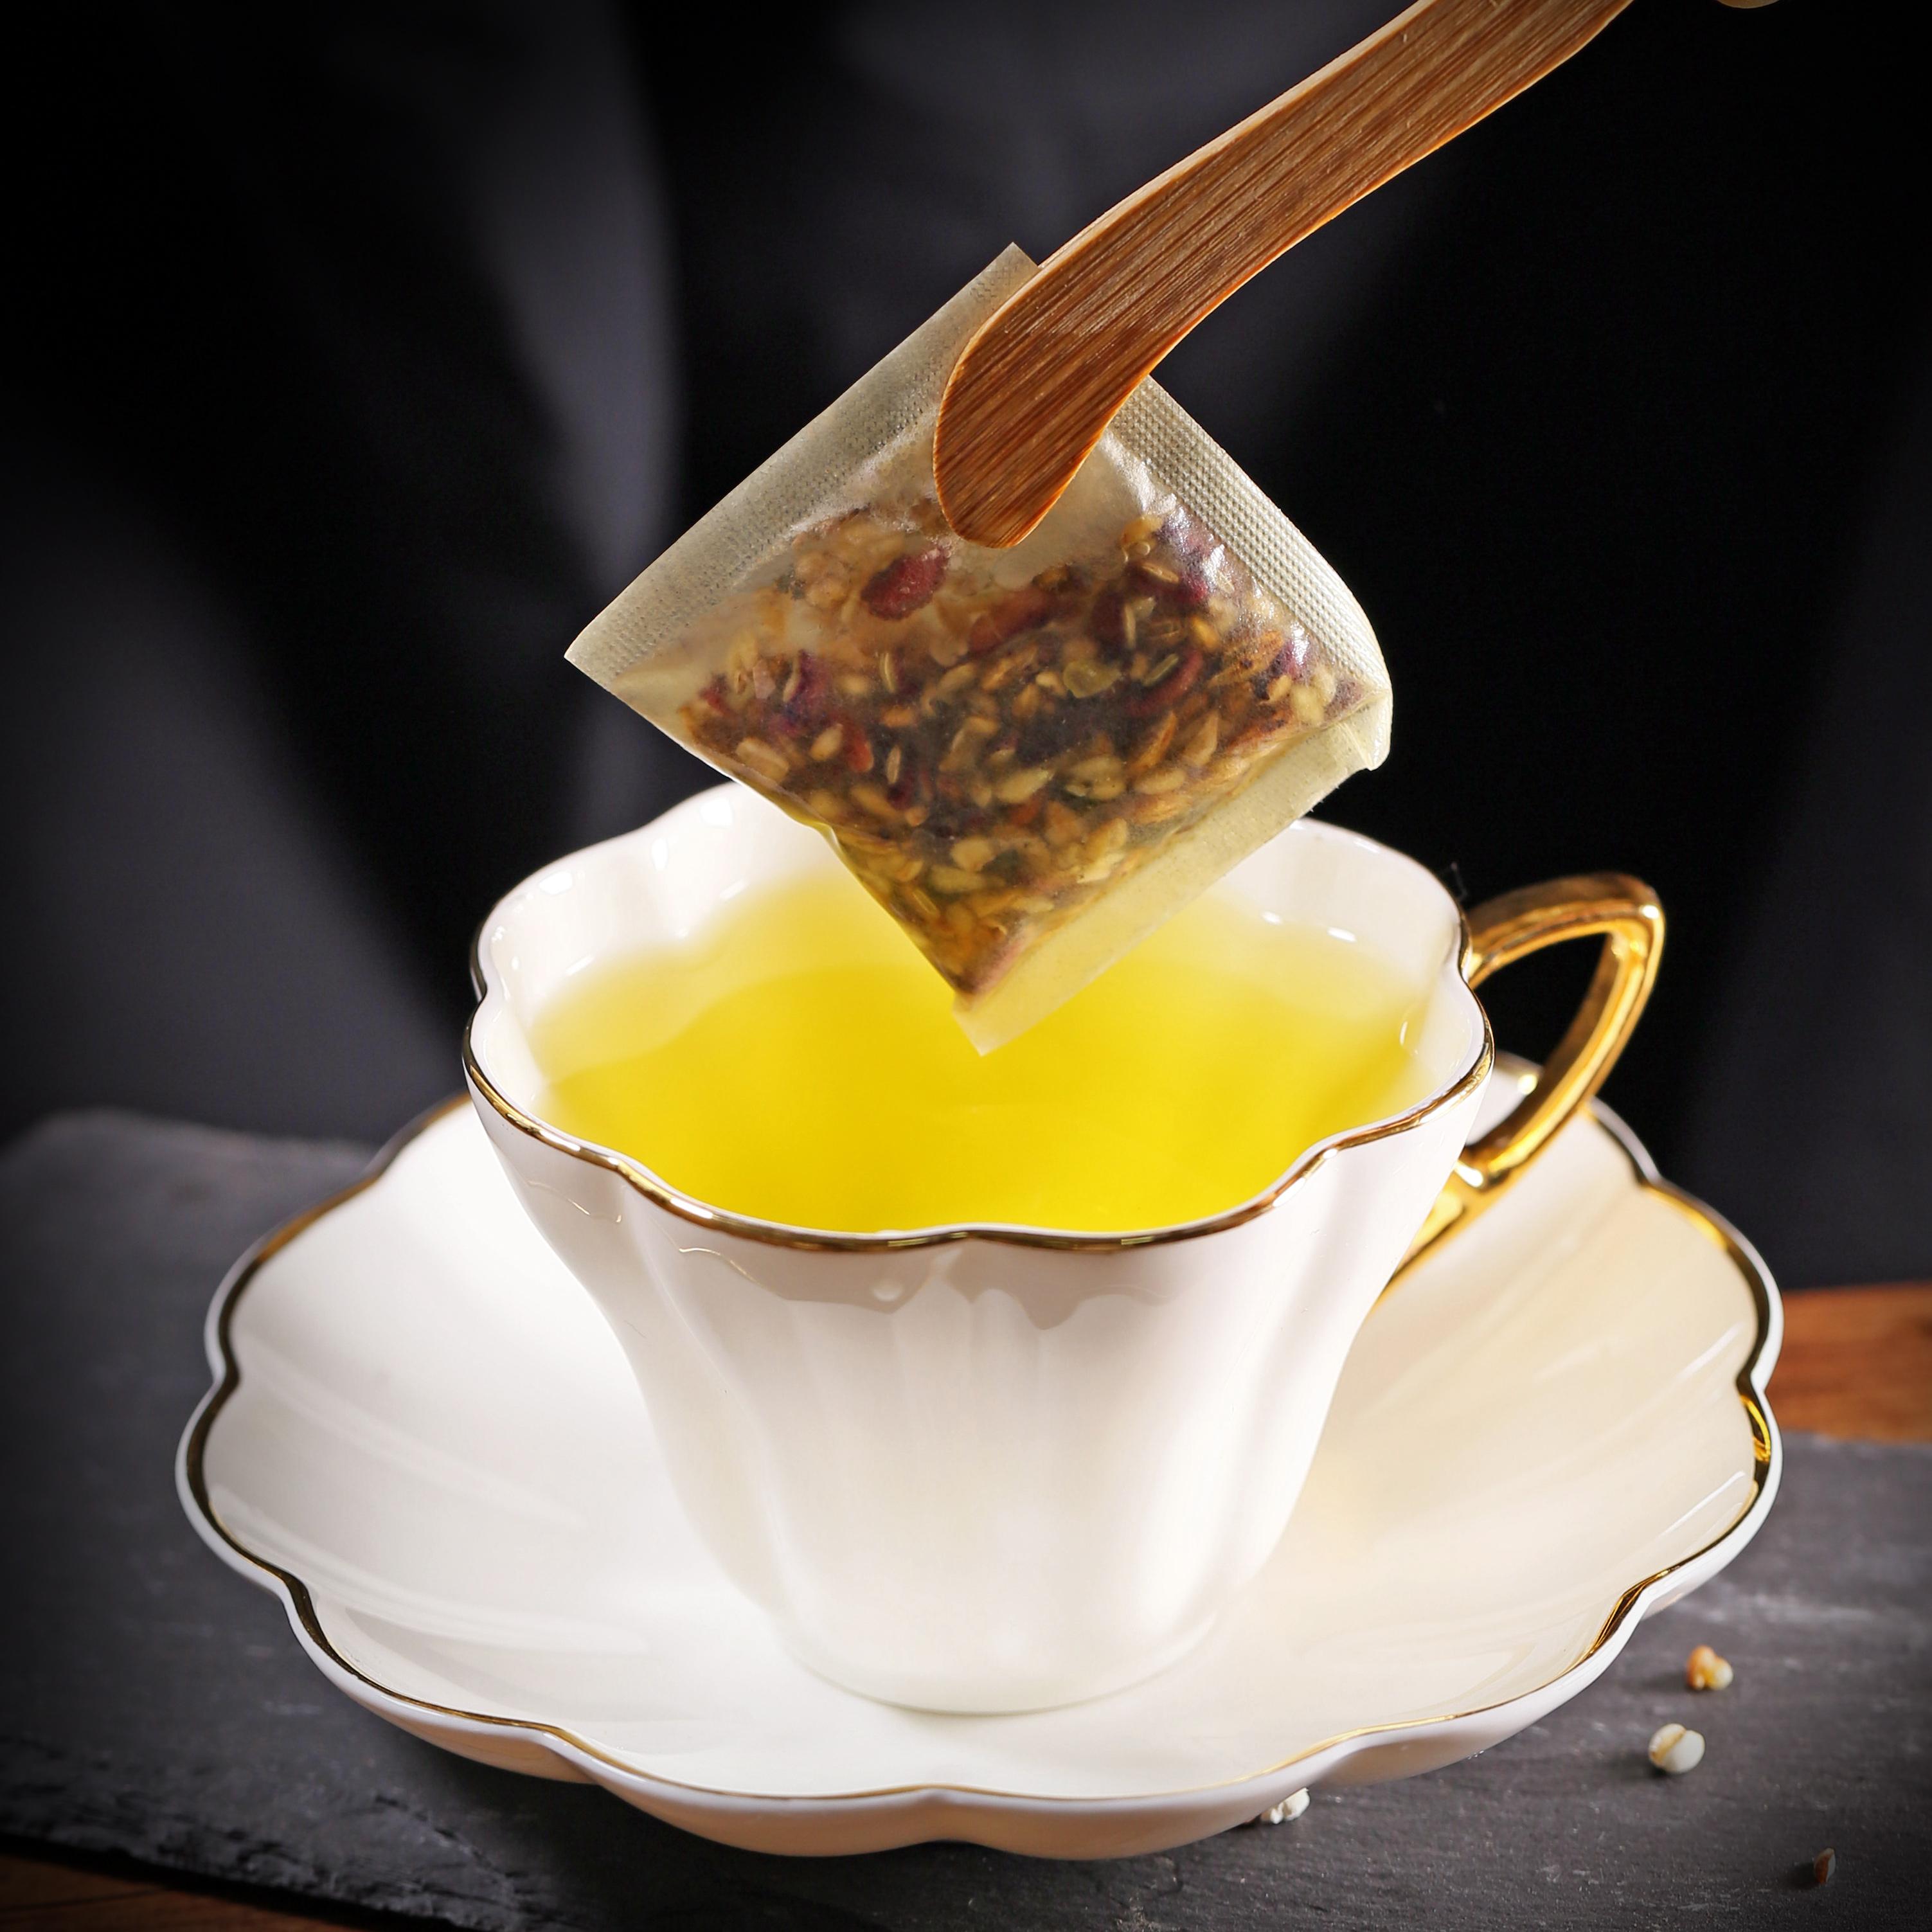 红豆薏米茶赤小豆薏仁养生搭去除芡实气非祛霍思燕同款泡水喝